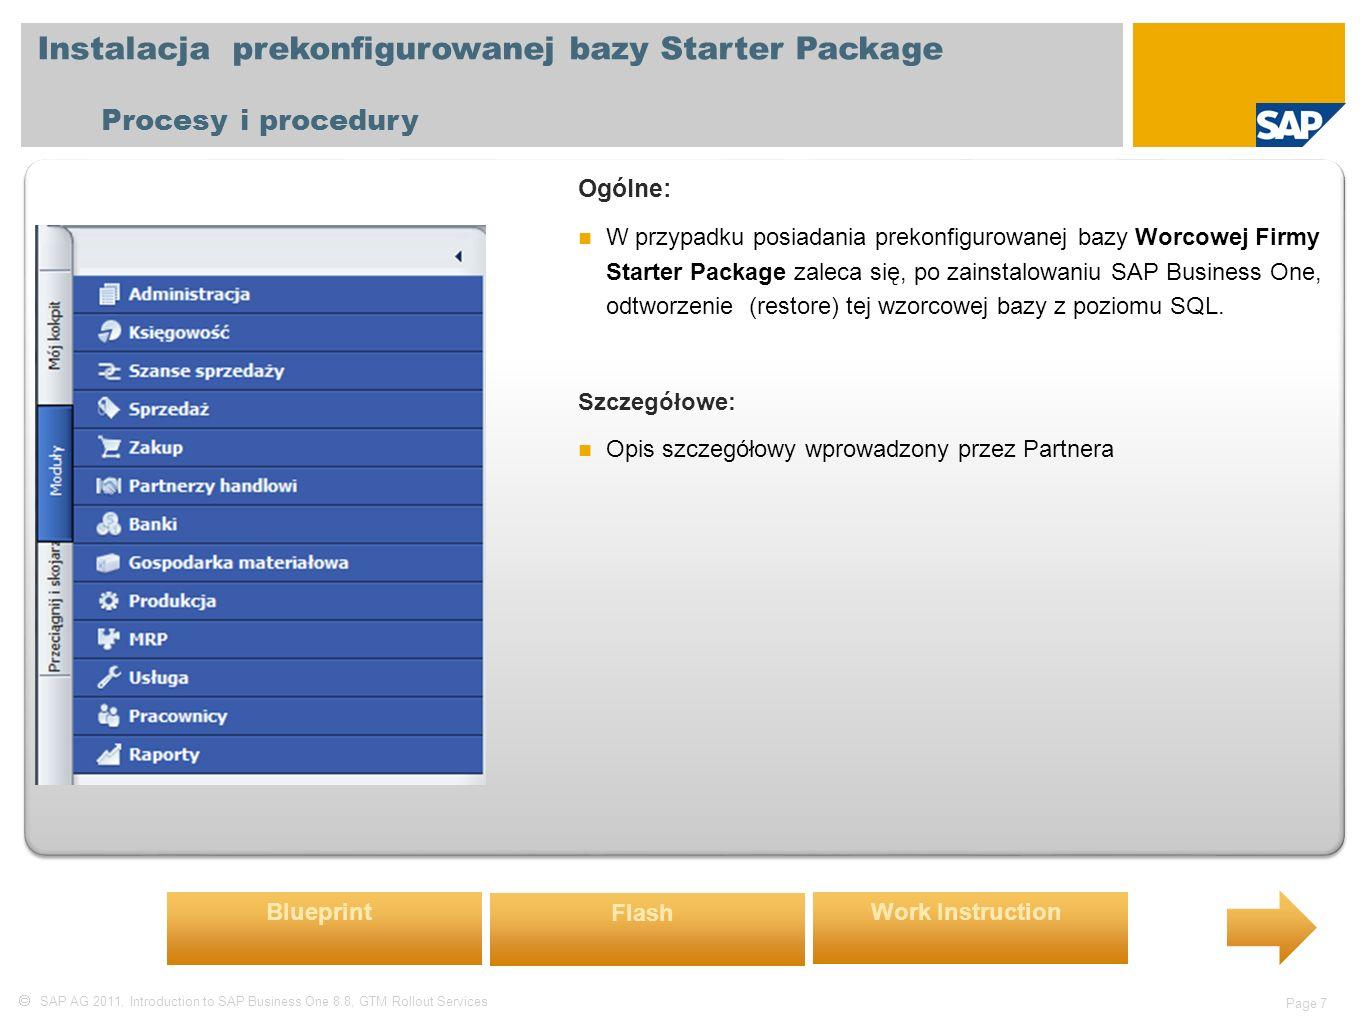  SAP AG 2011, Introduction to SAP Business One 8.8, GTM Rollout Services Page 18 Ustawienia dokumentu - Ogólne Procesy i procedury Ogólne: Okno to służy do definiowania ustawień domyślnych dla dokumentów w SAP Business One.